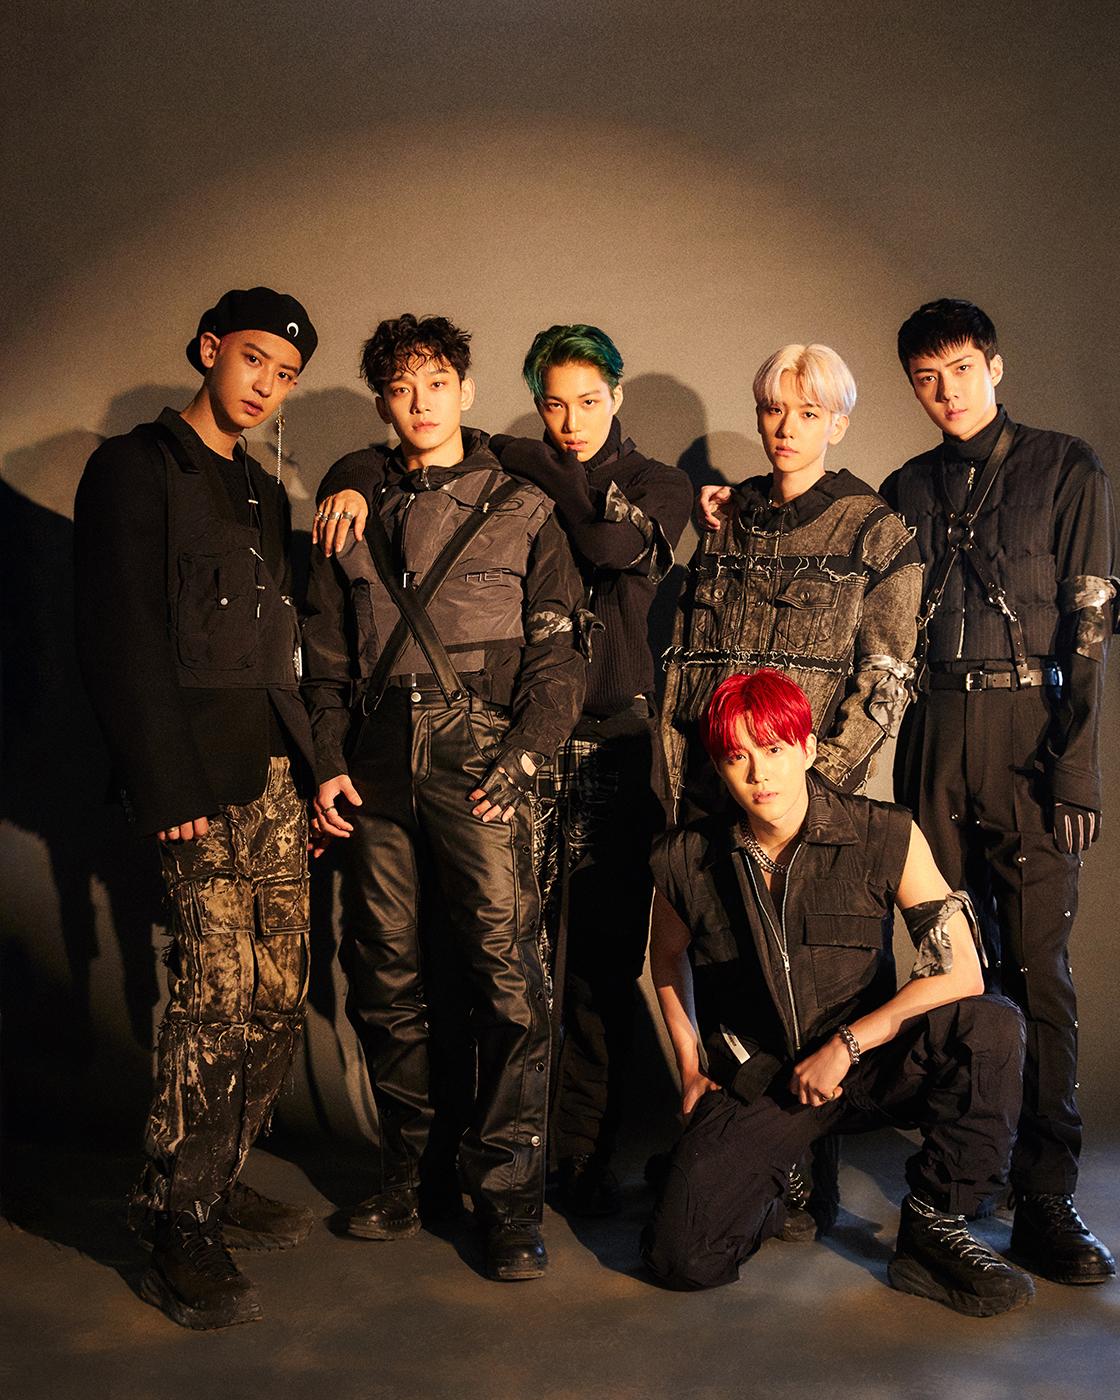 엑소 정규 6집 EXO 단체 이미지.jpg